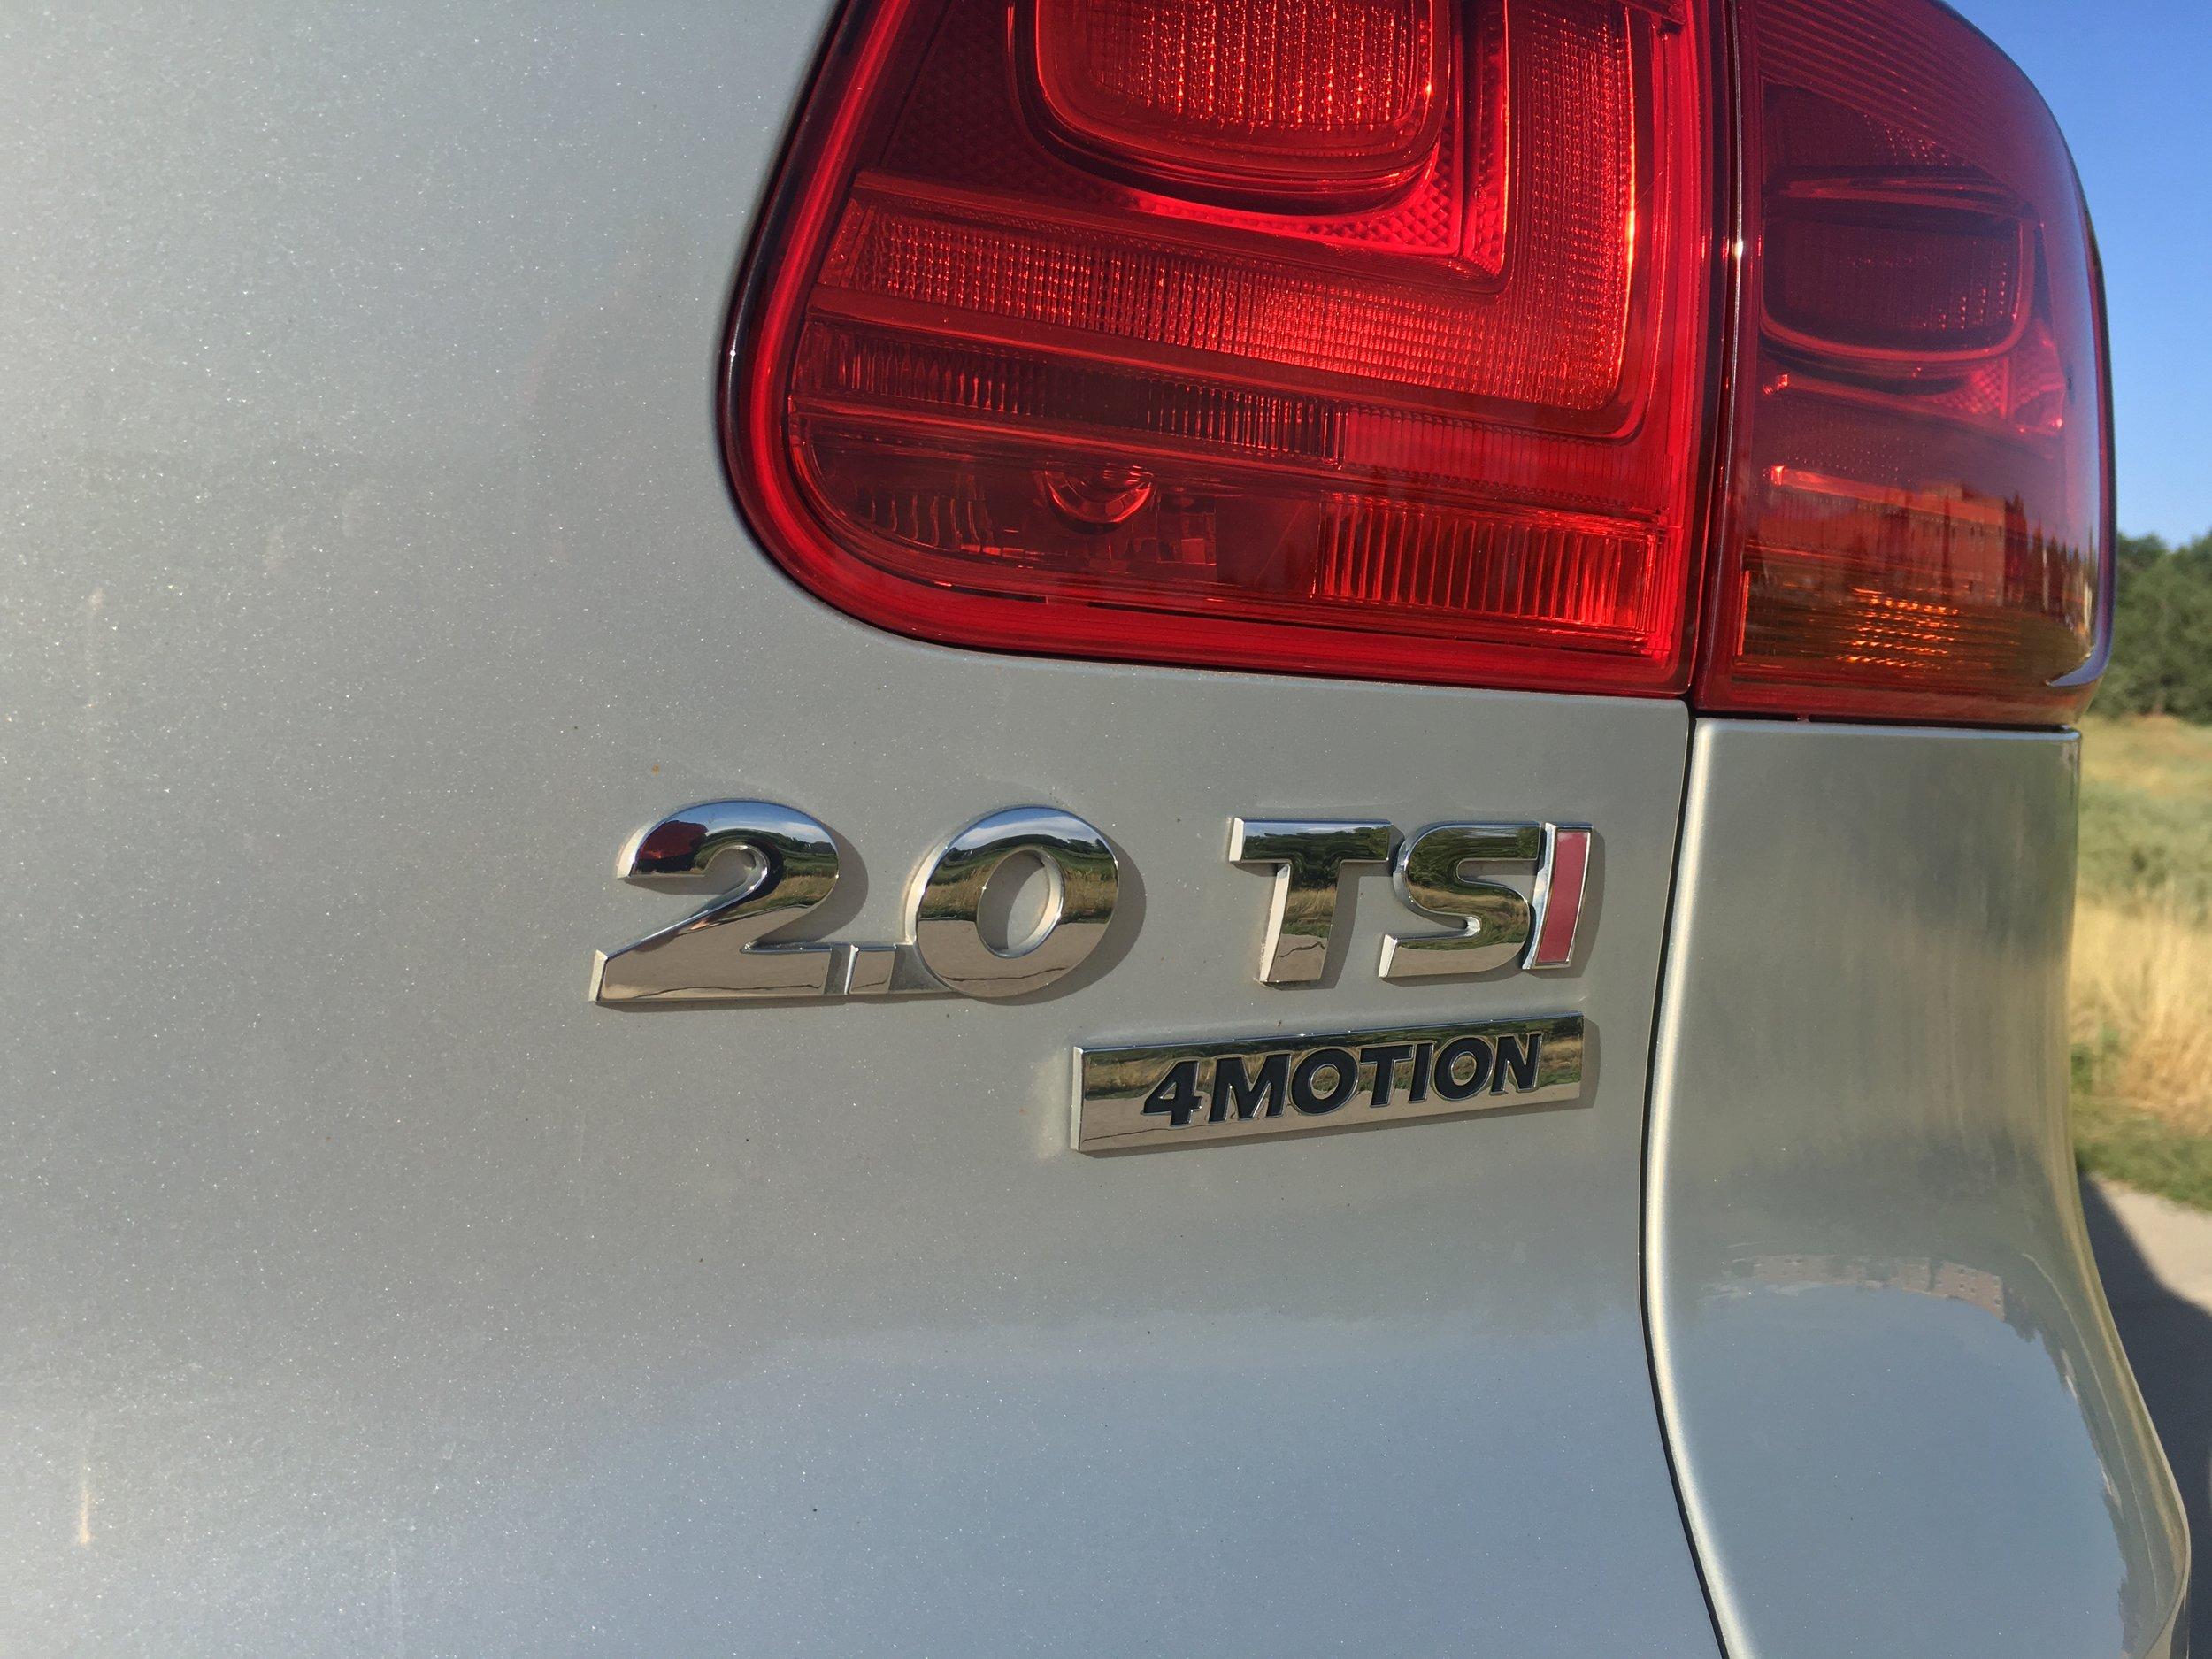 2012 VW Tiguan SE 4Motion (AWD) — Pono Motors